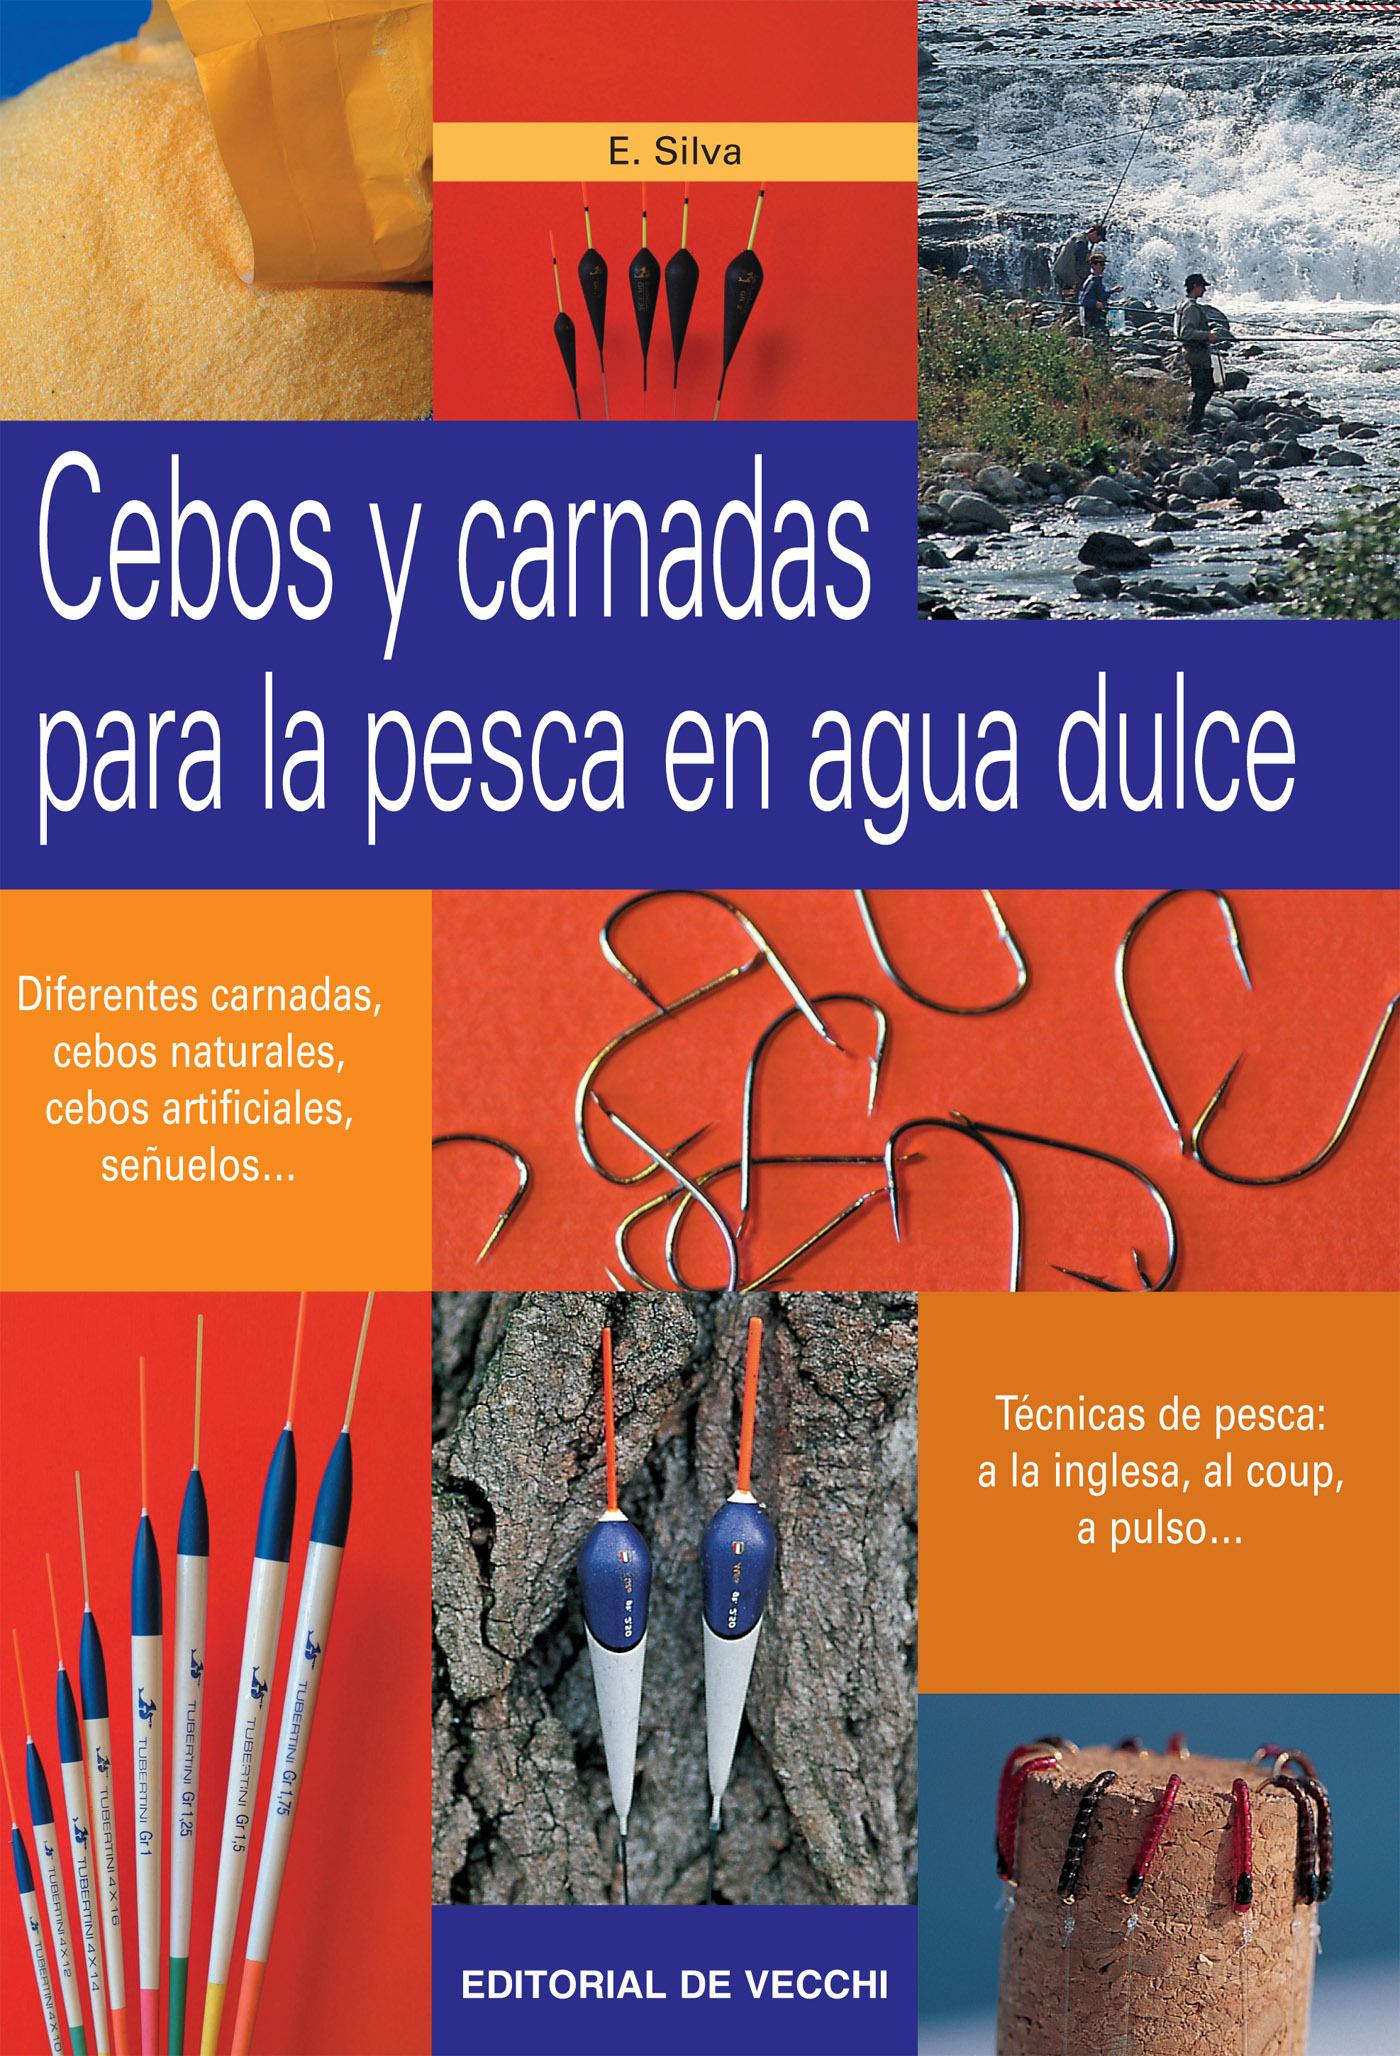 Silva, Enrico - Cebos y carnadas para la pesca en agua dulce, ebook